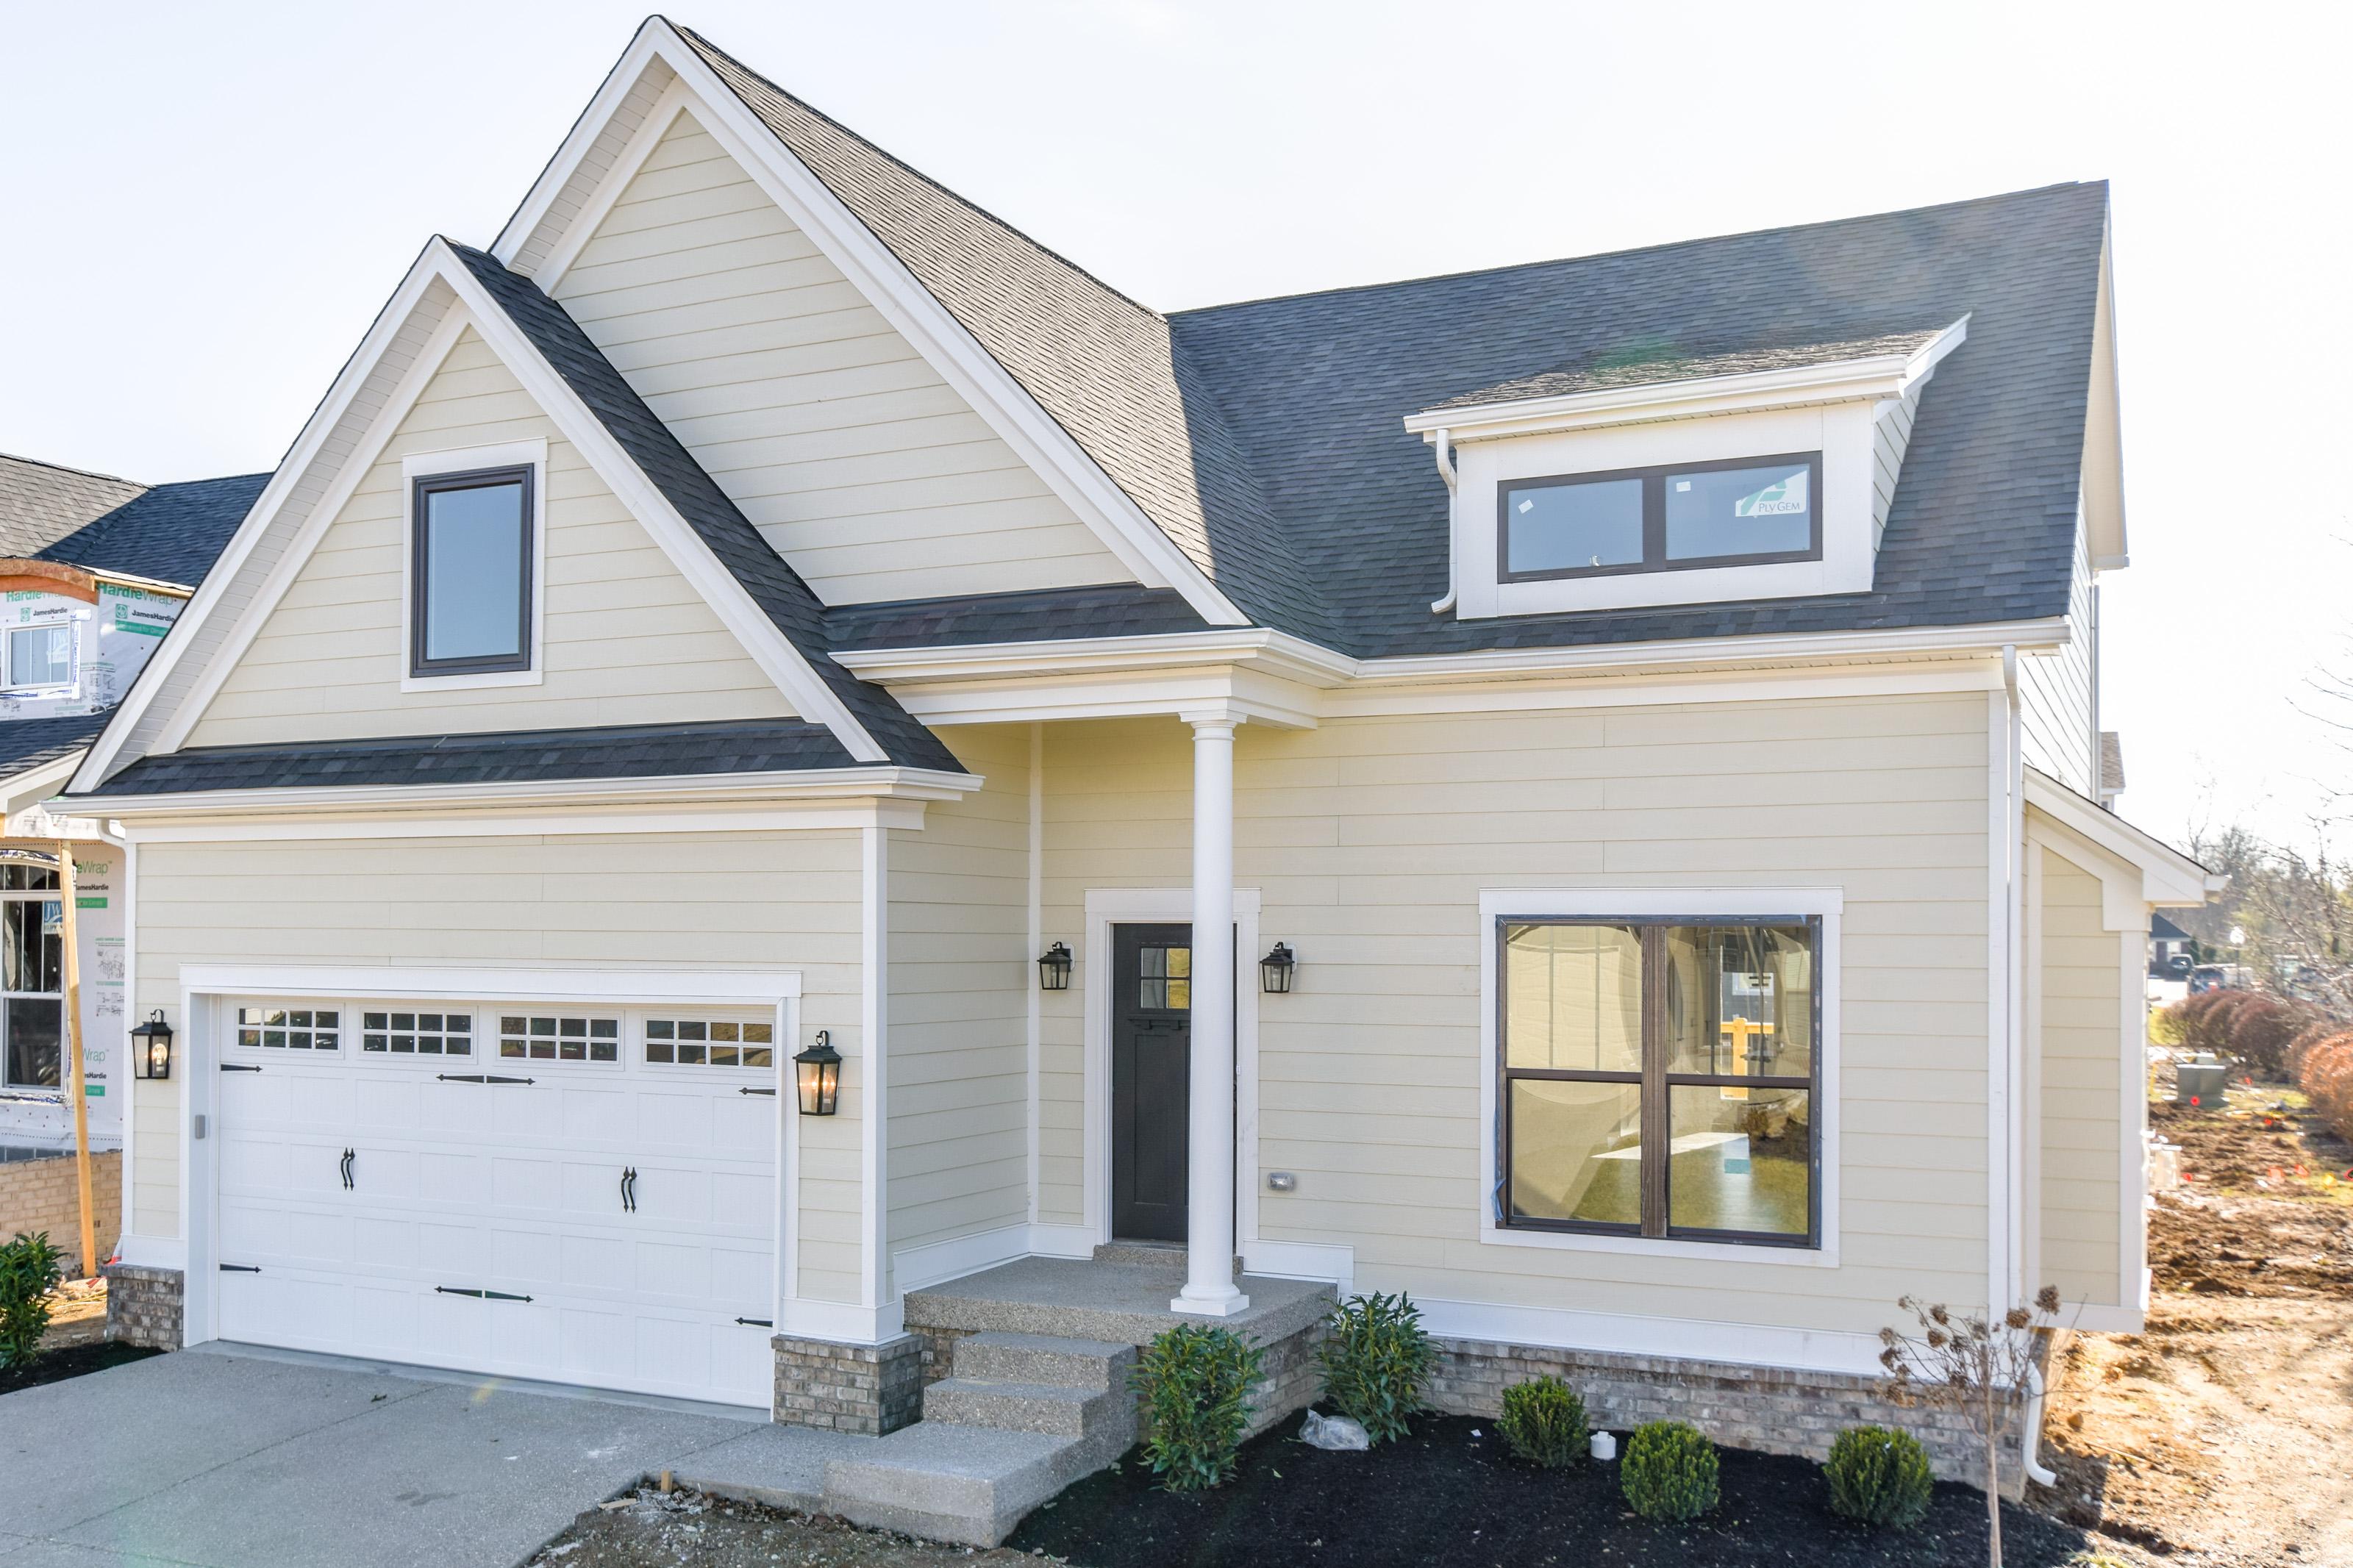 Частный односемейный дом для того Продажа на 1704 Coral Court Prospect, Кентукки 40059 Соединенные Штаты